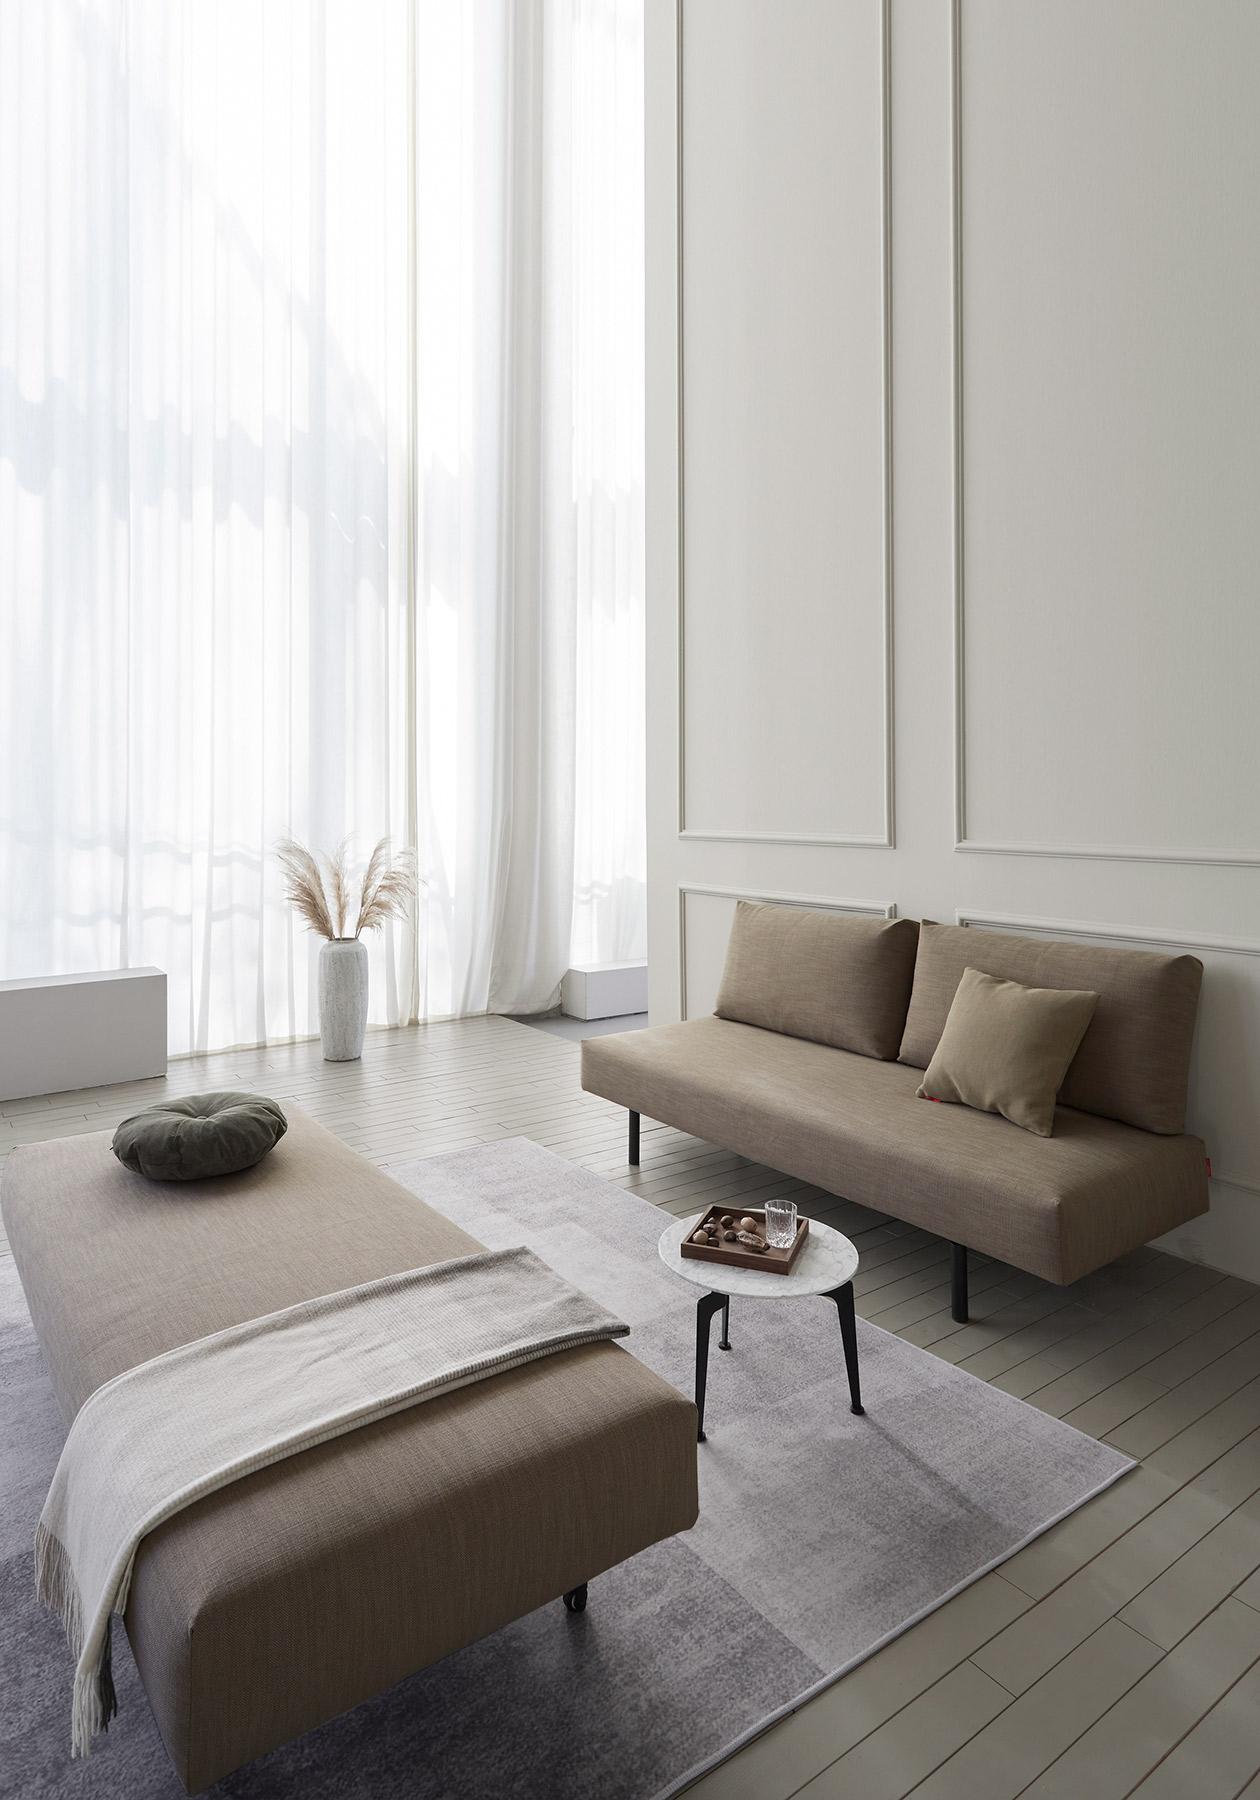 media/image/Achillas-Sofa-Bed-587-e5-web.jpg